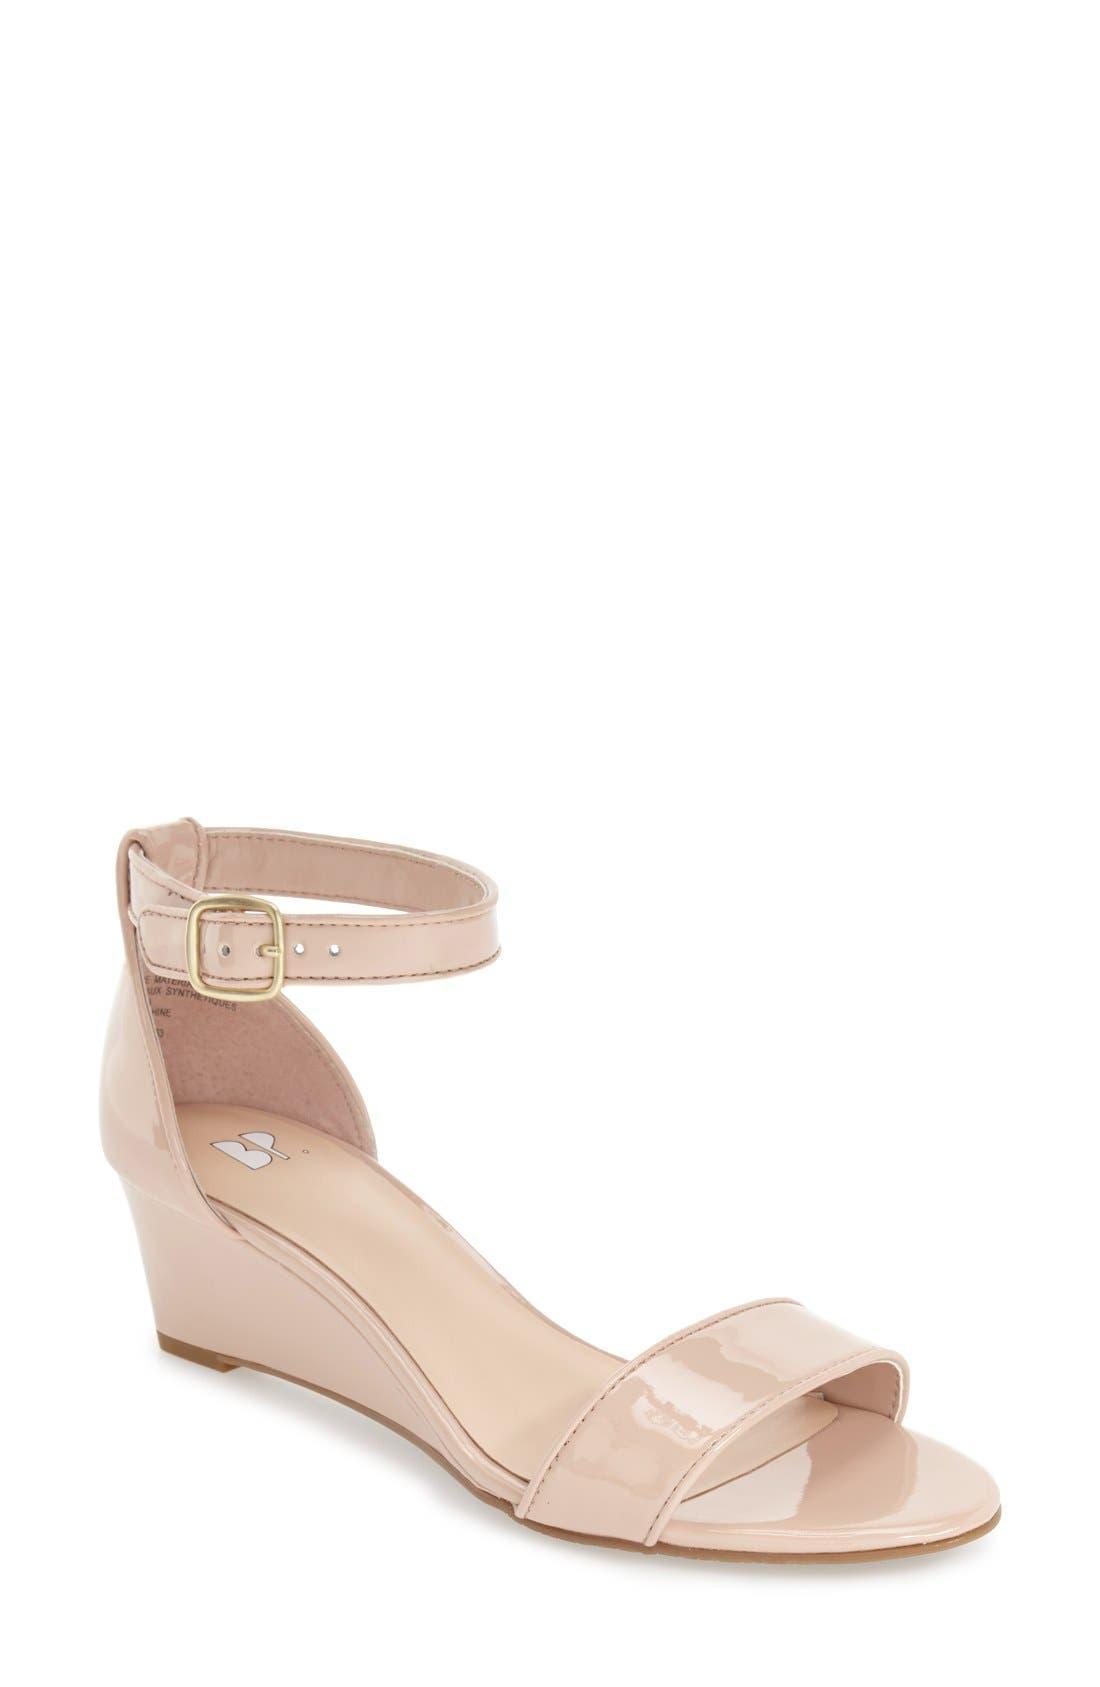 Black wedge sandals 2 inch heel - Black Wedge Sandals 2 Inch Heel 9